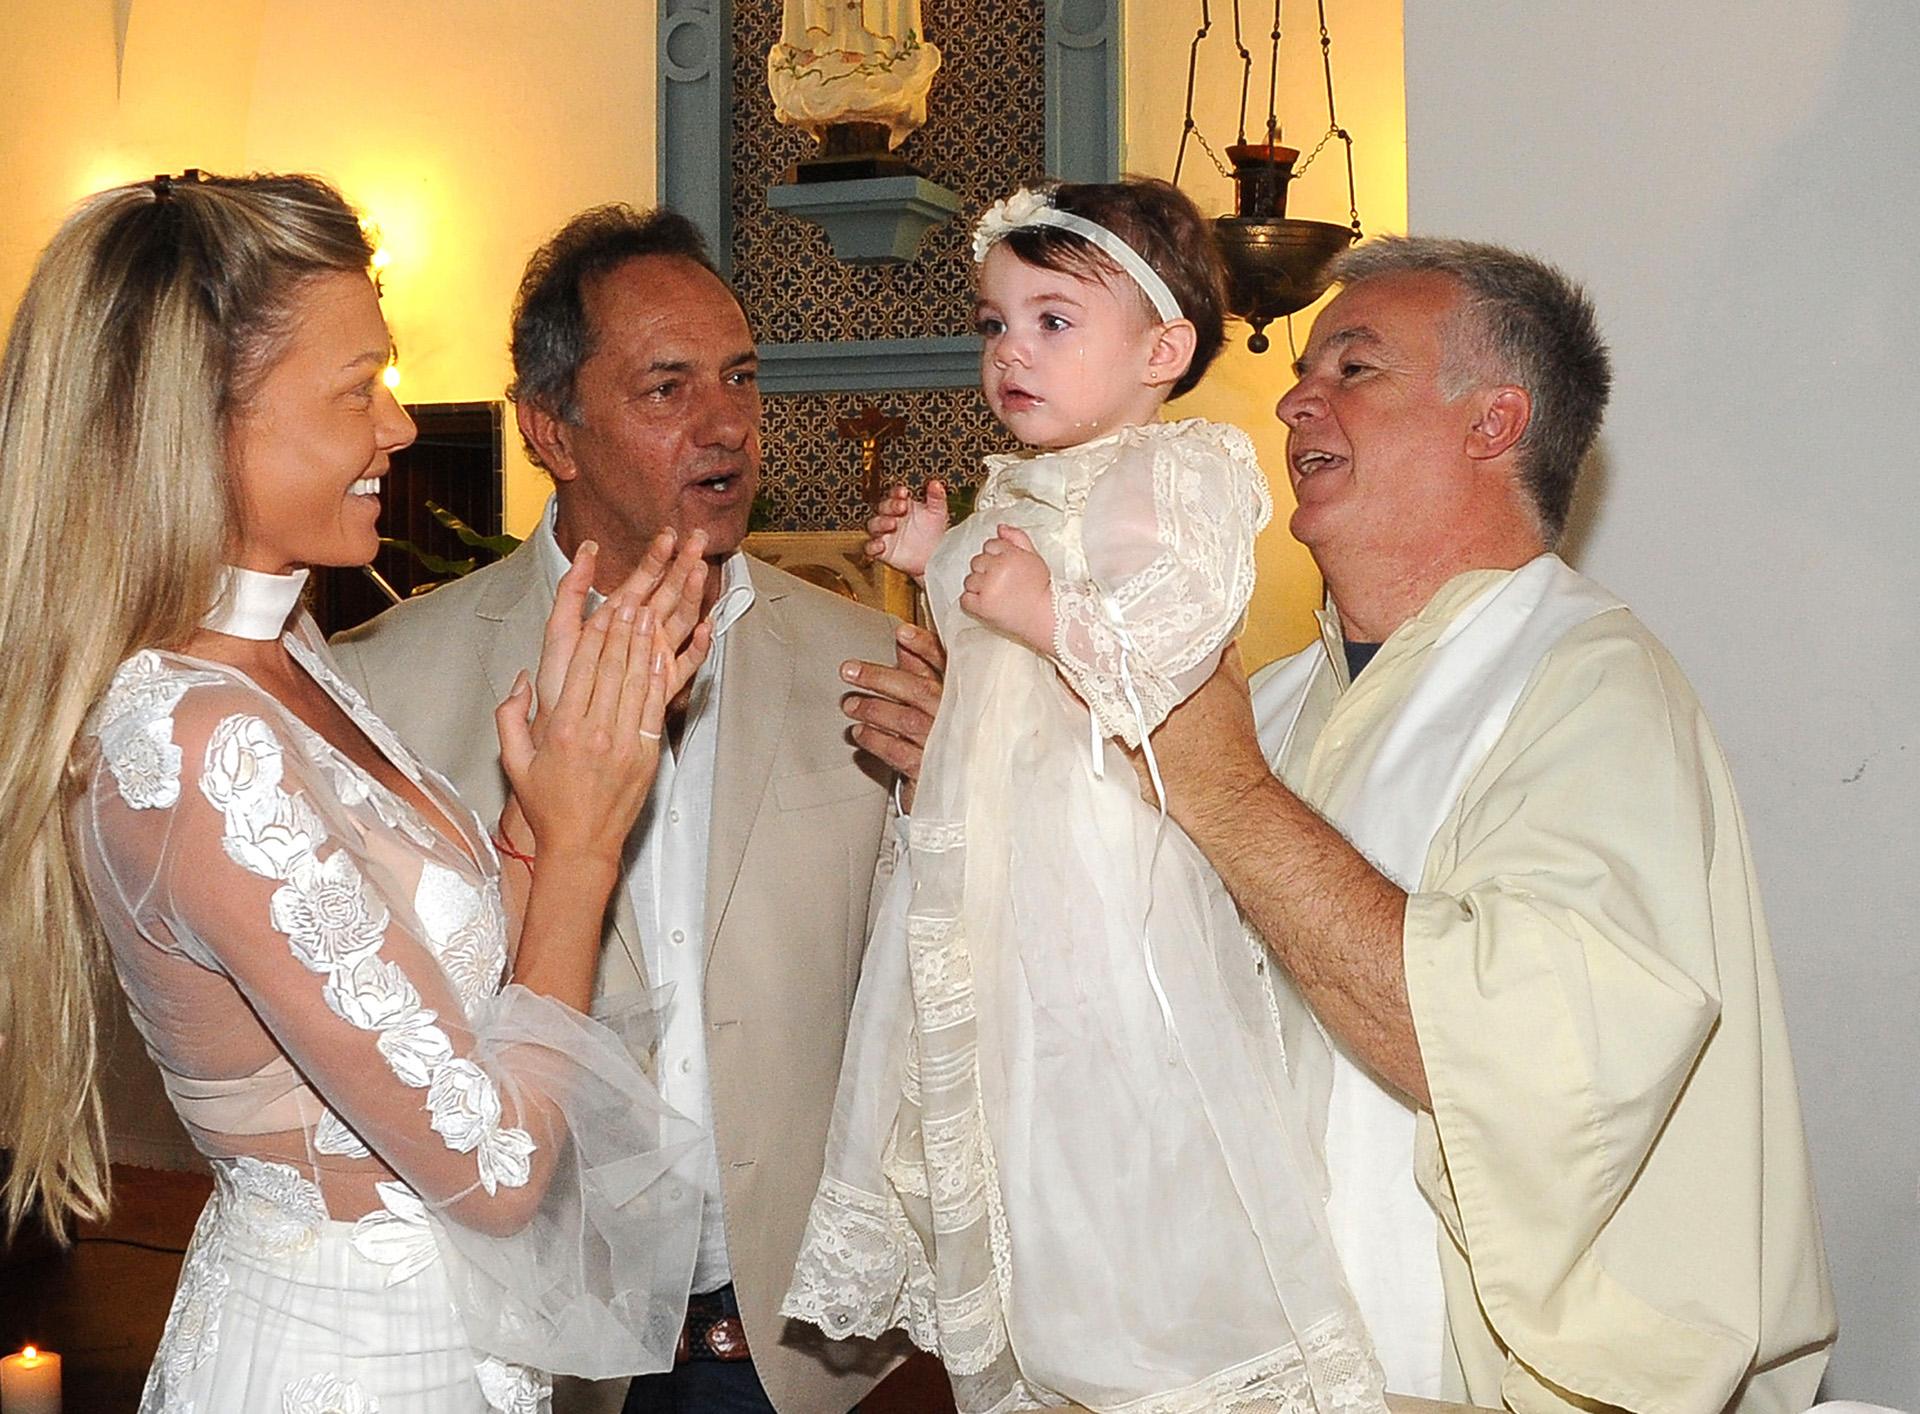 Gisela Berger y Daniel Scioli bautizaron a su hija Francesca en la capilla del Salvador del Delta, en Dique Luján